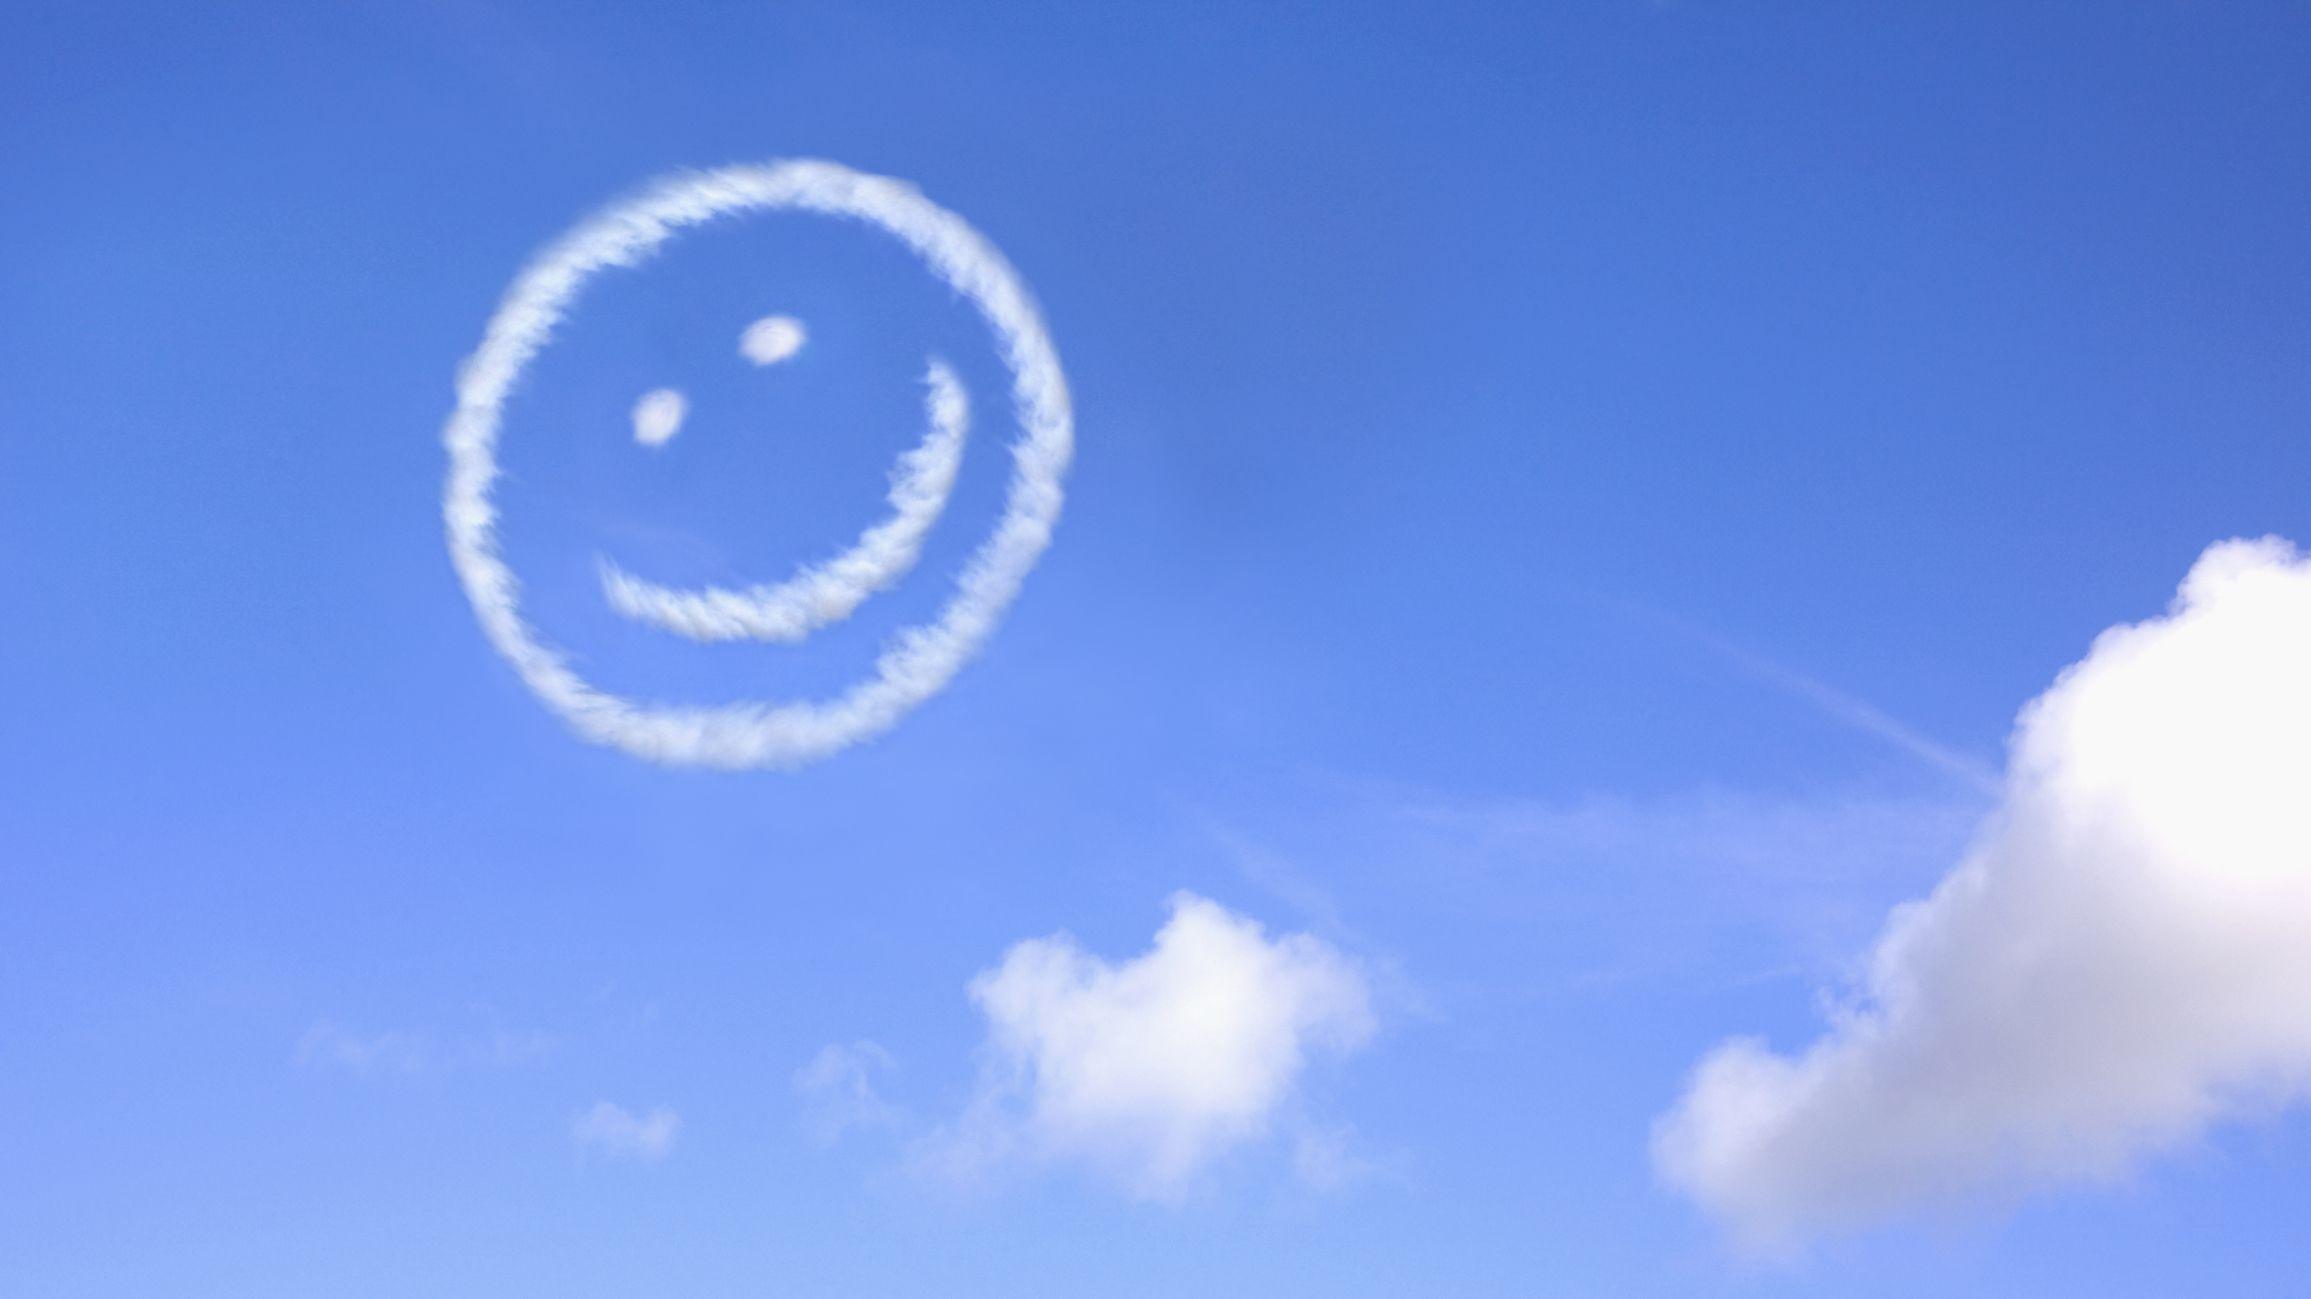 Nubes de cara sonriente en el cielo